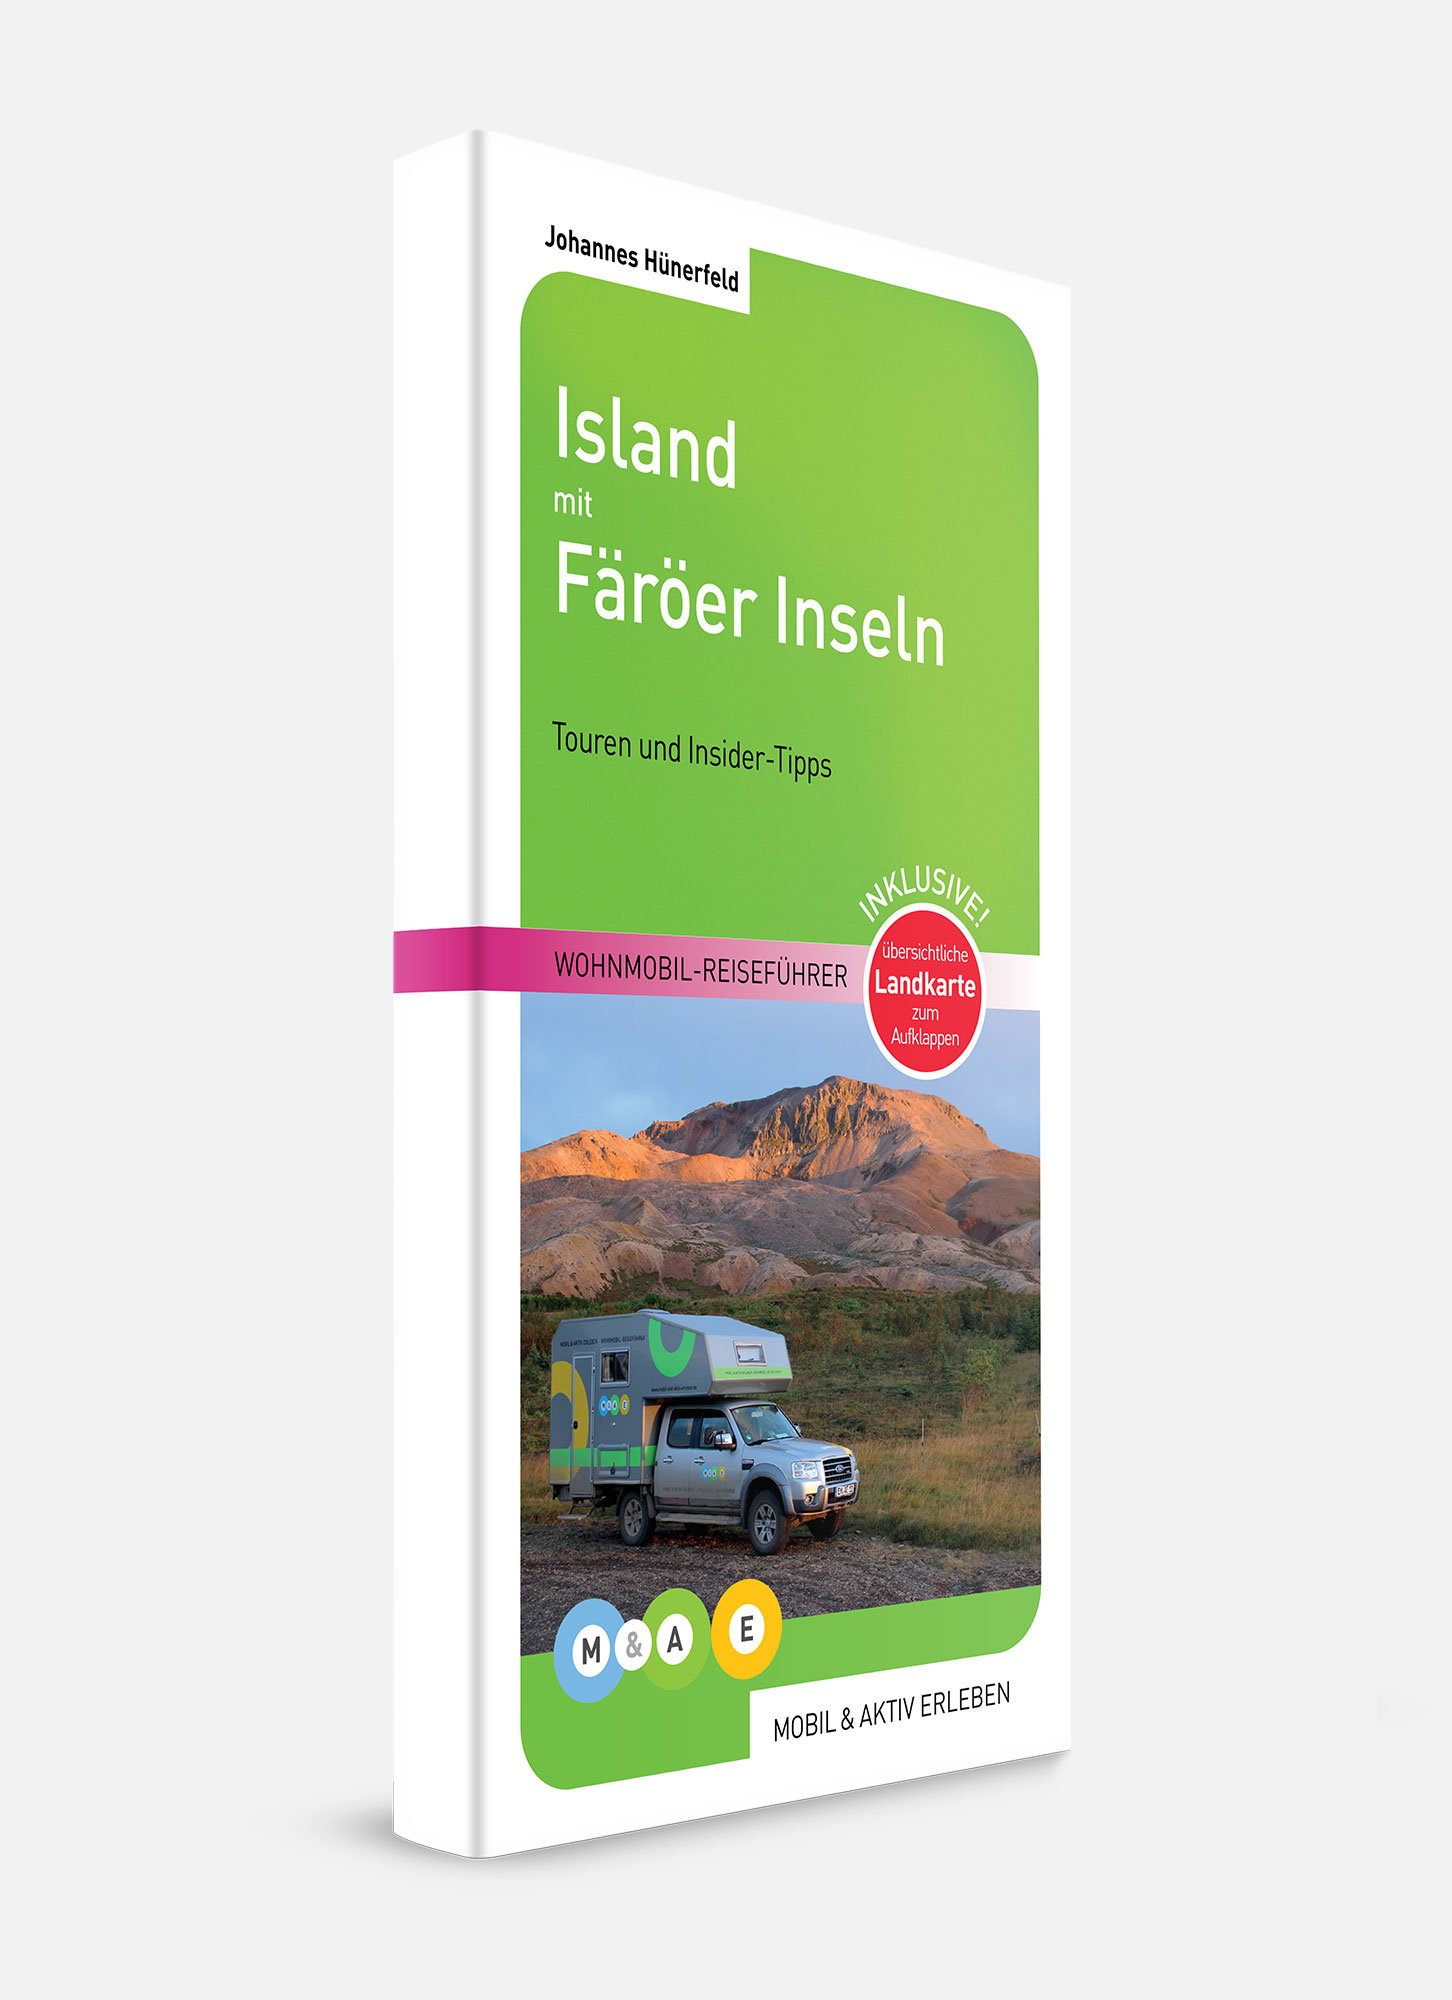 Wohnmobil Reiseführer Island mit Färöer Inseln